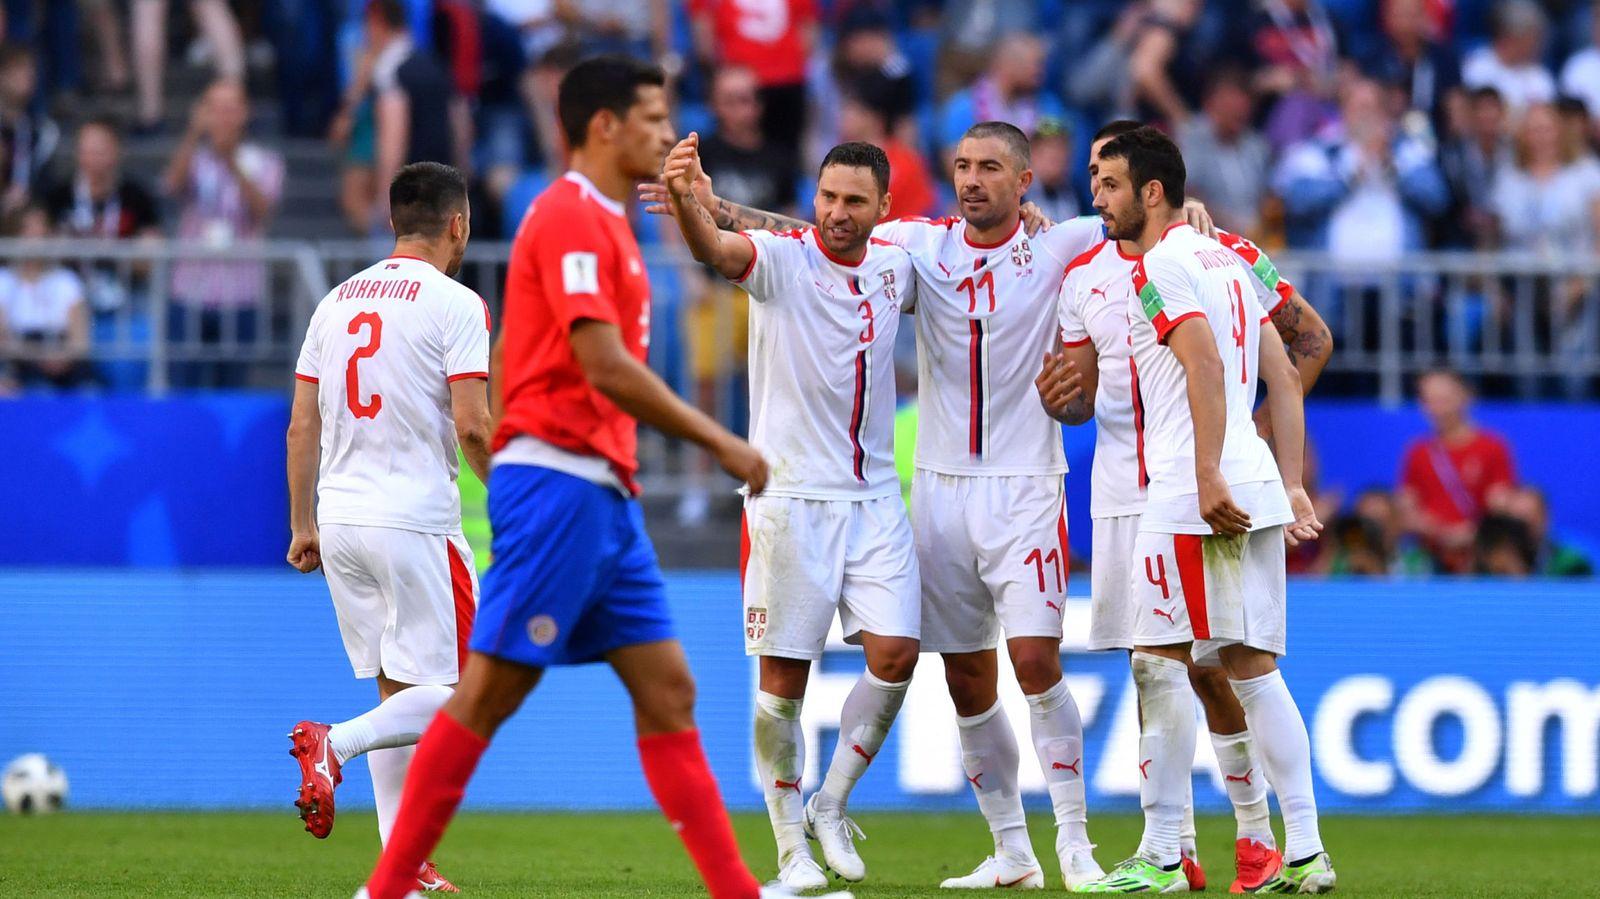 Foto: World cup - group e - costa rica vs serbia